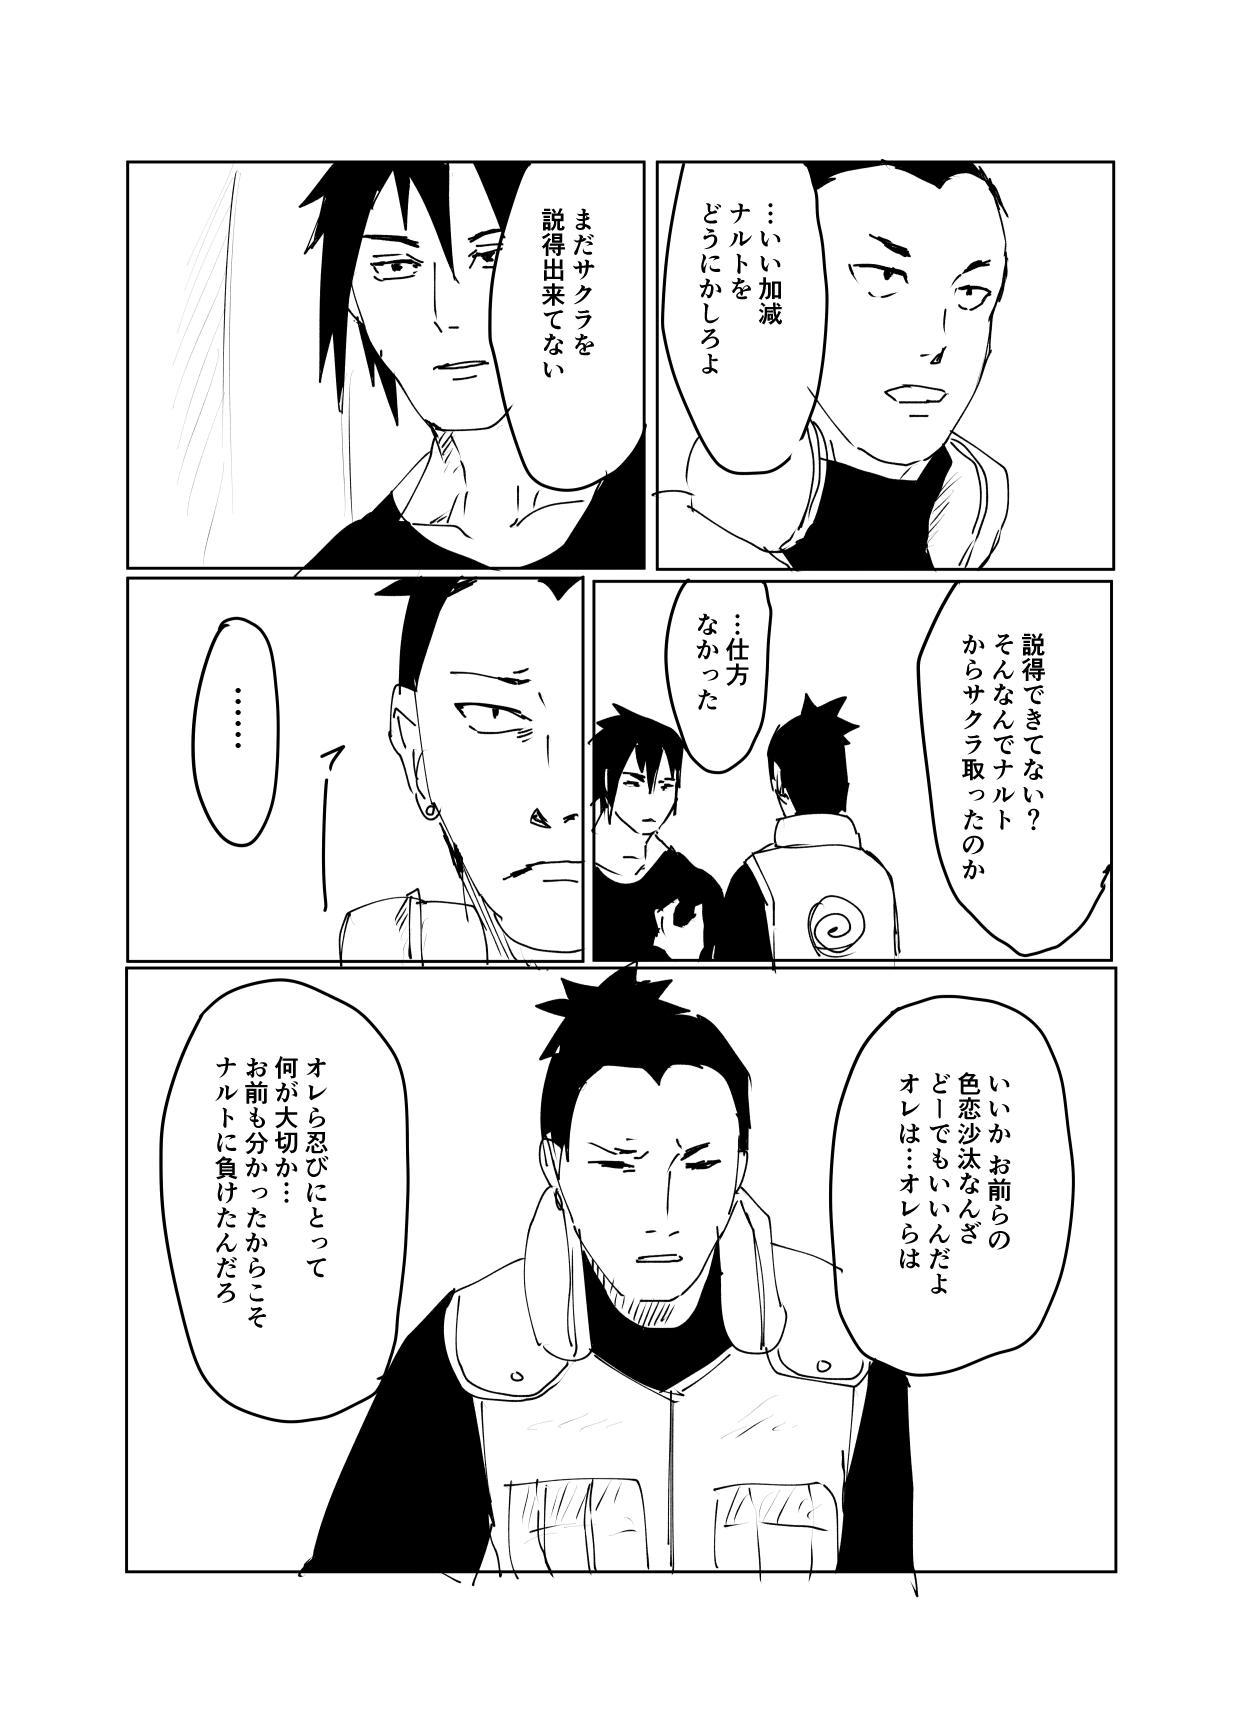 嘘告白漫画 104